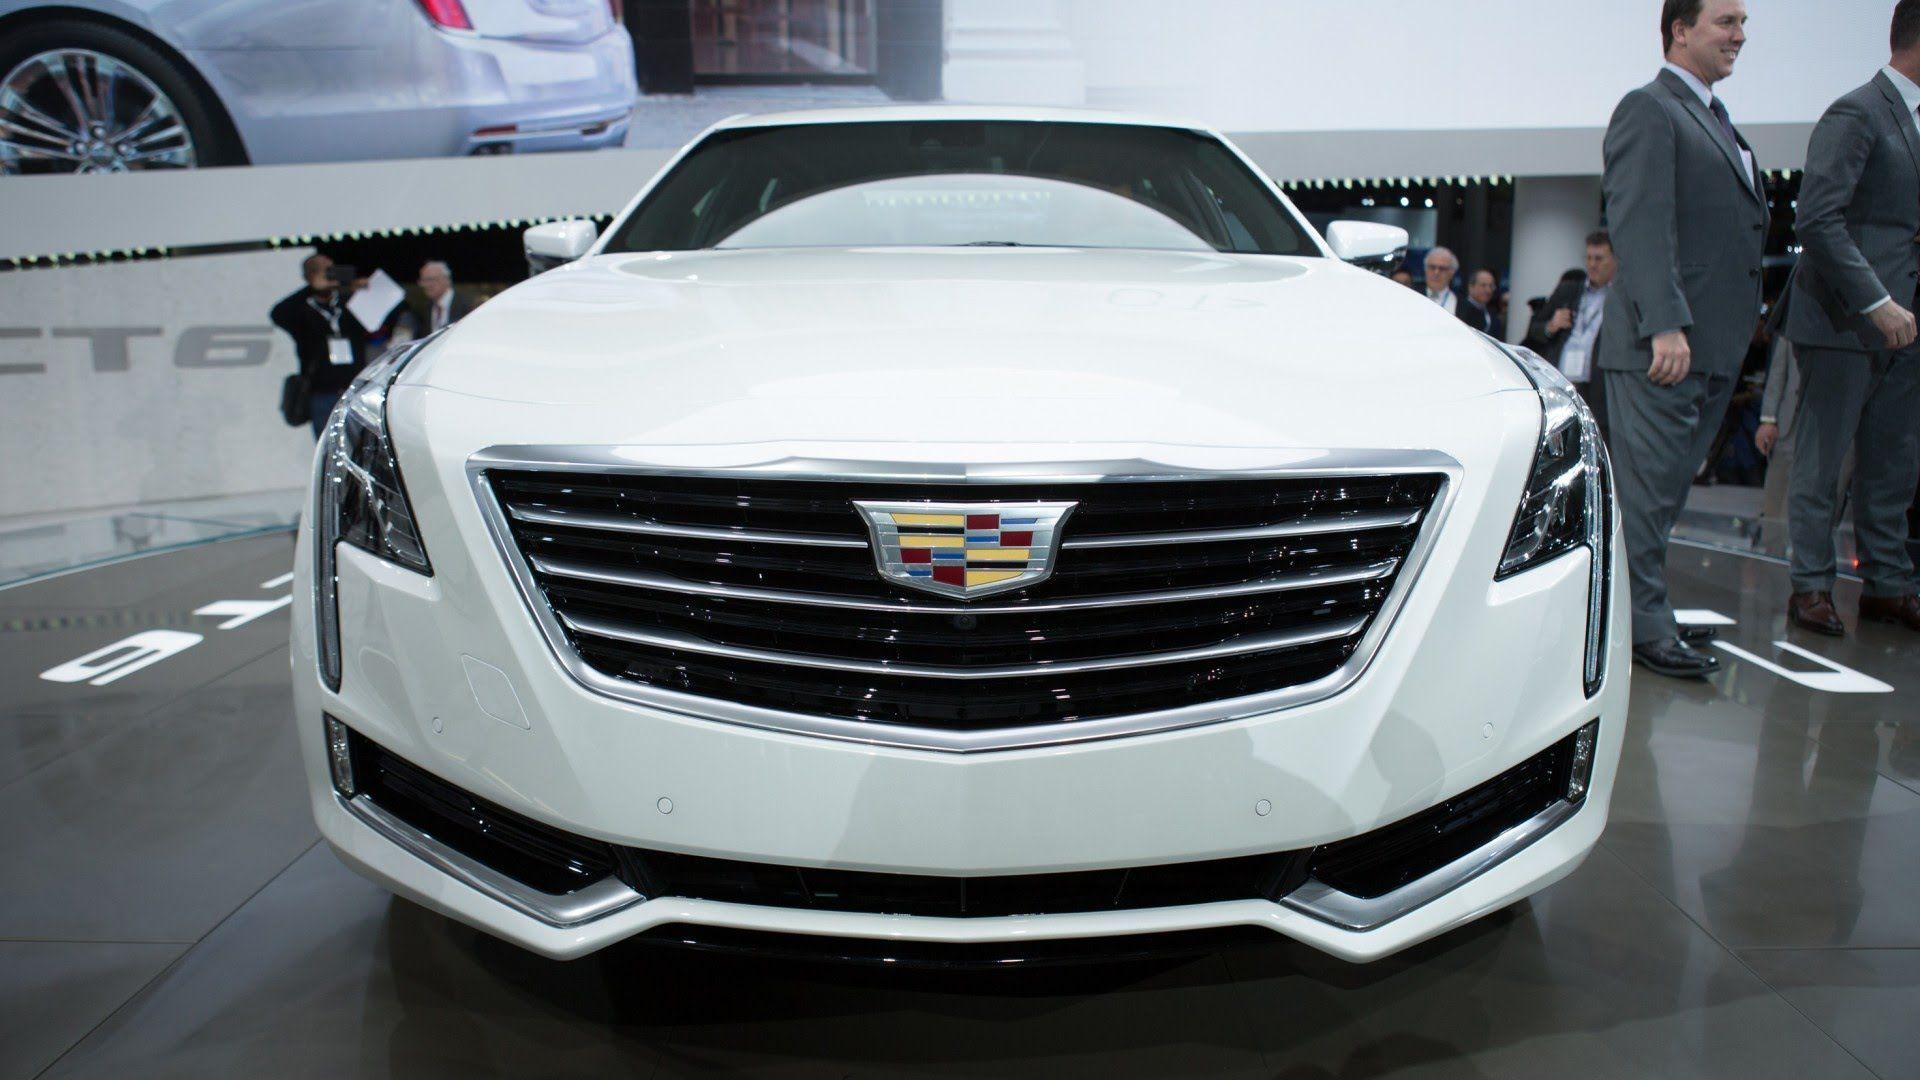 Cadillac CT6 un gran sedán liviano con tecnología de punta